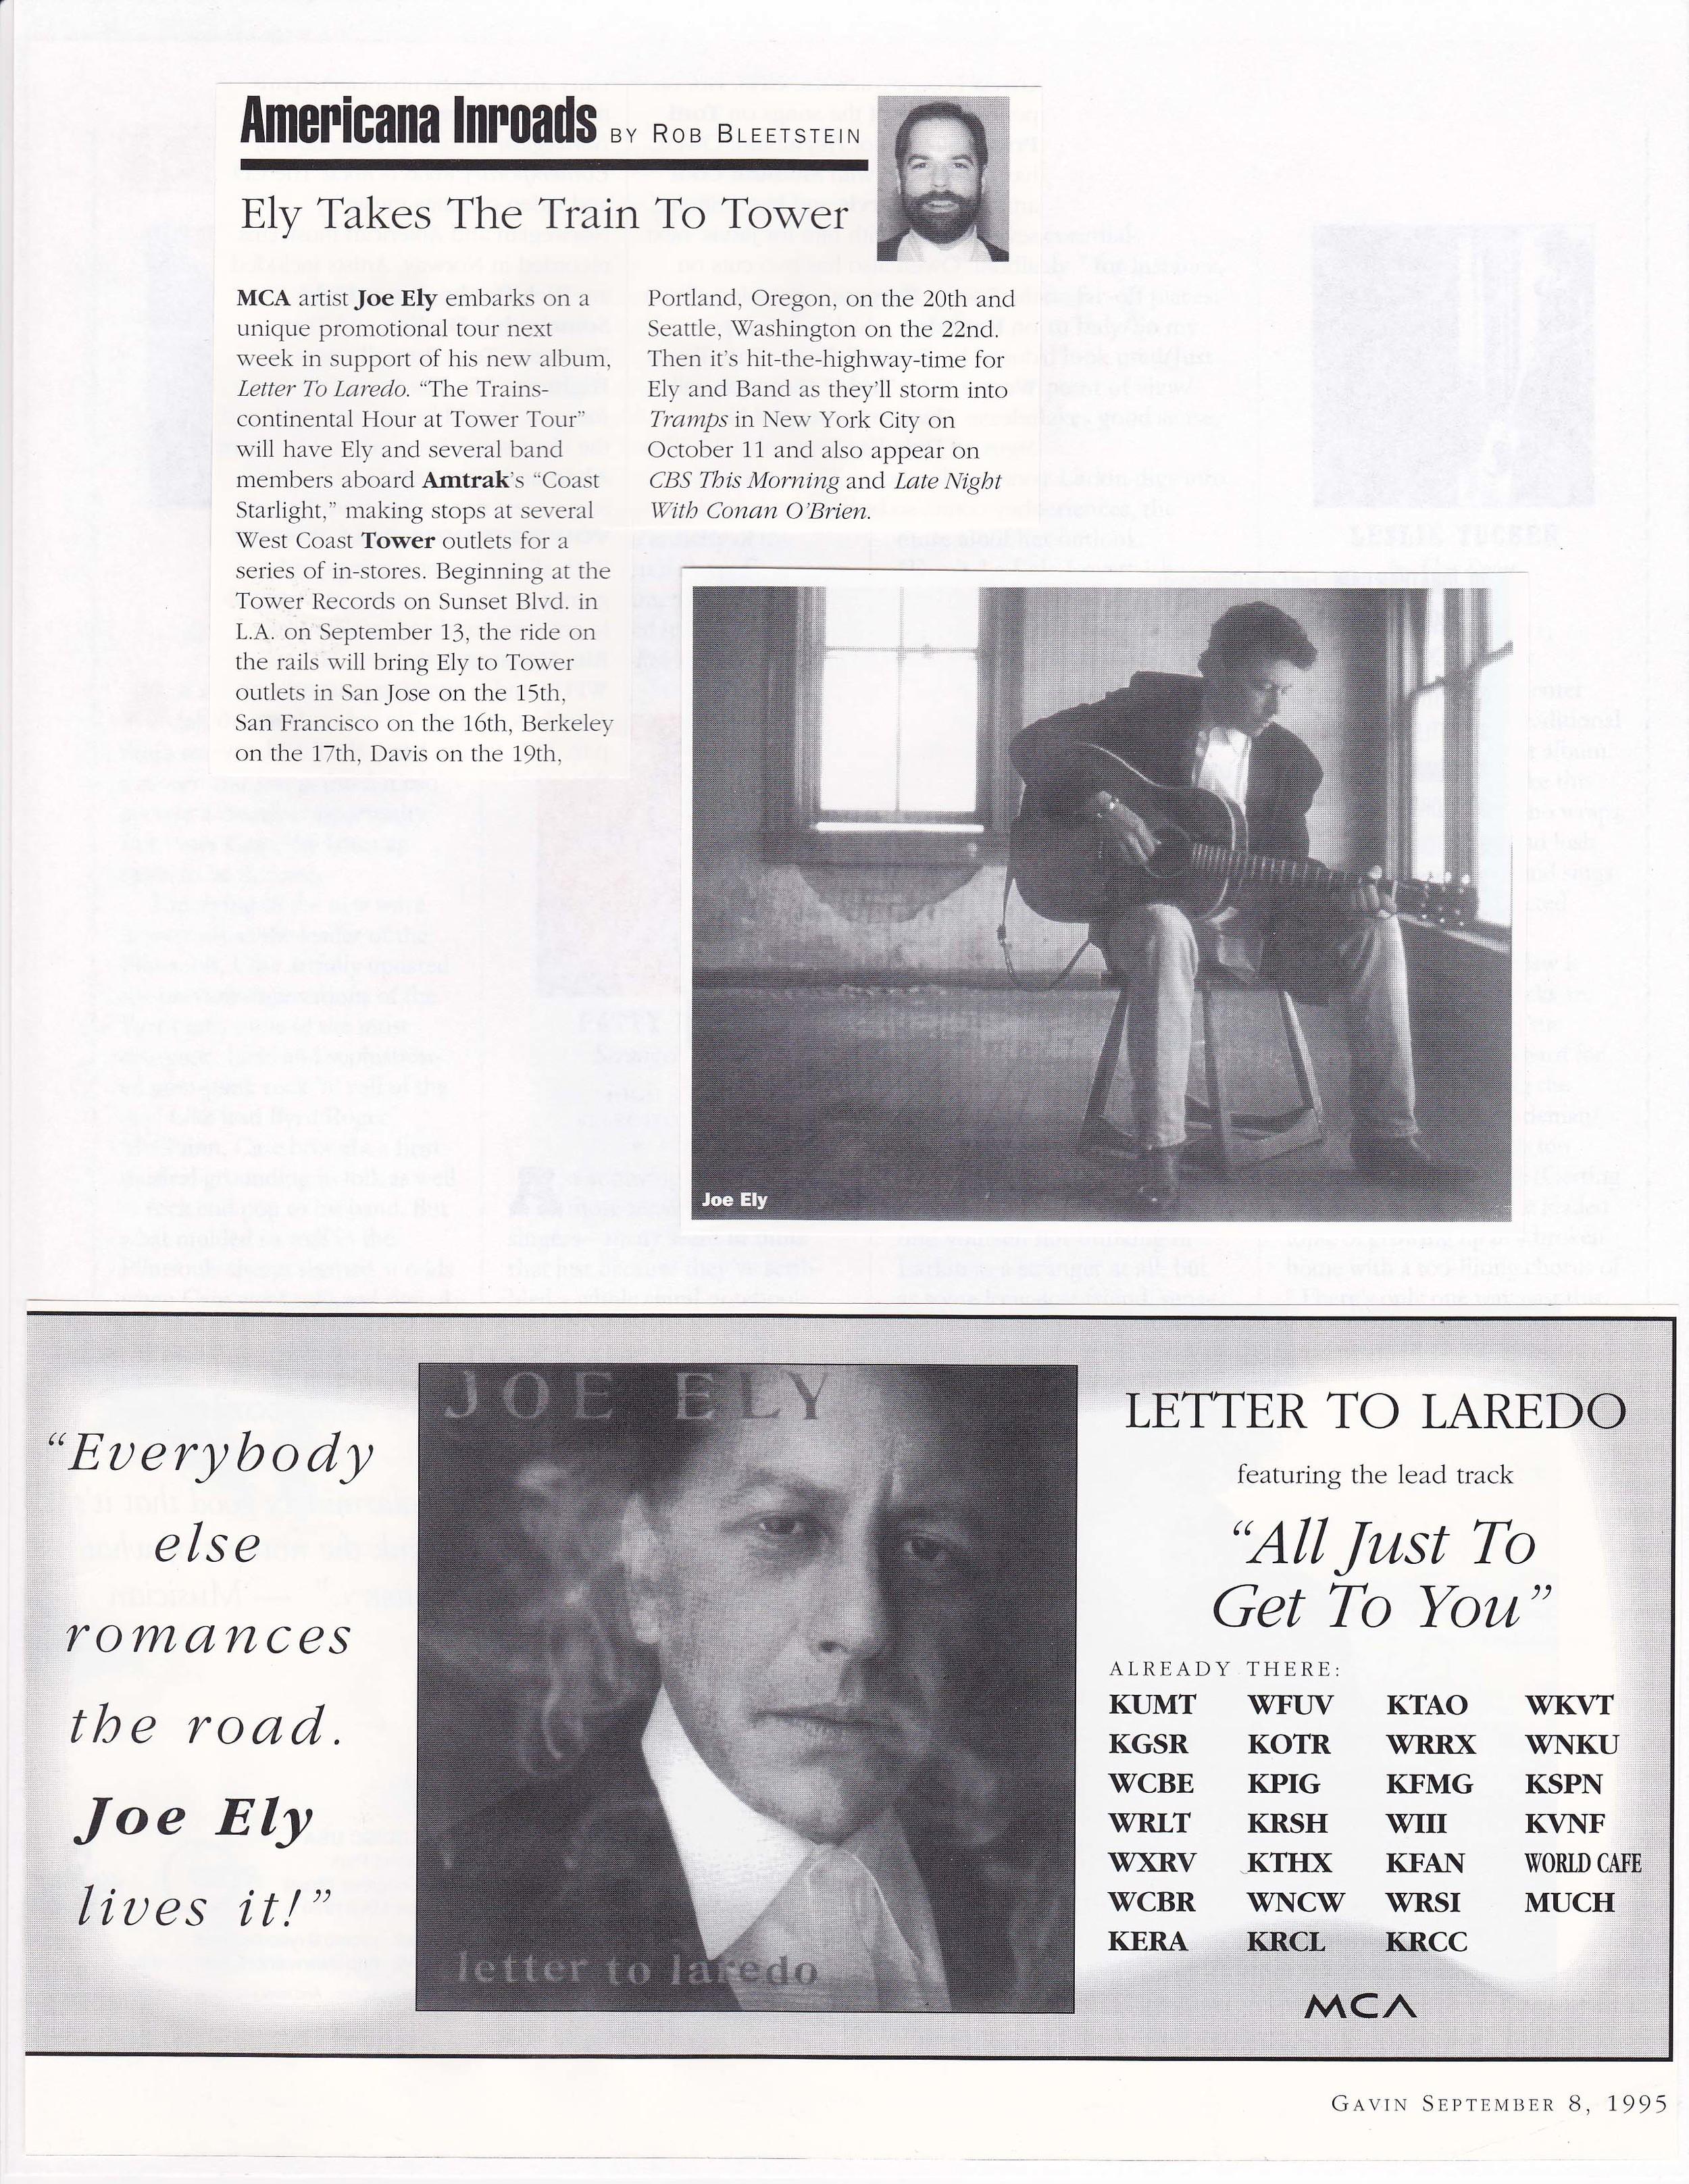 Joe Ely 248.jpg